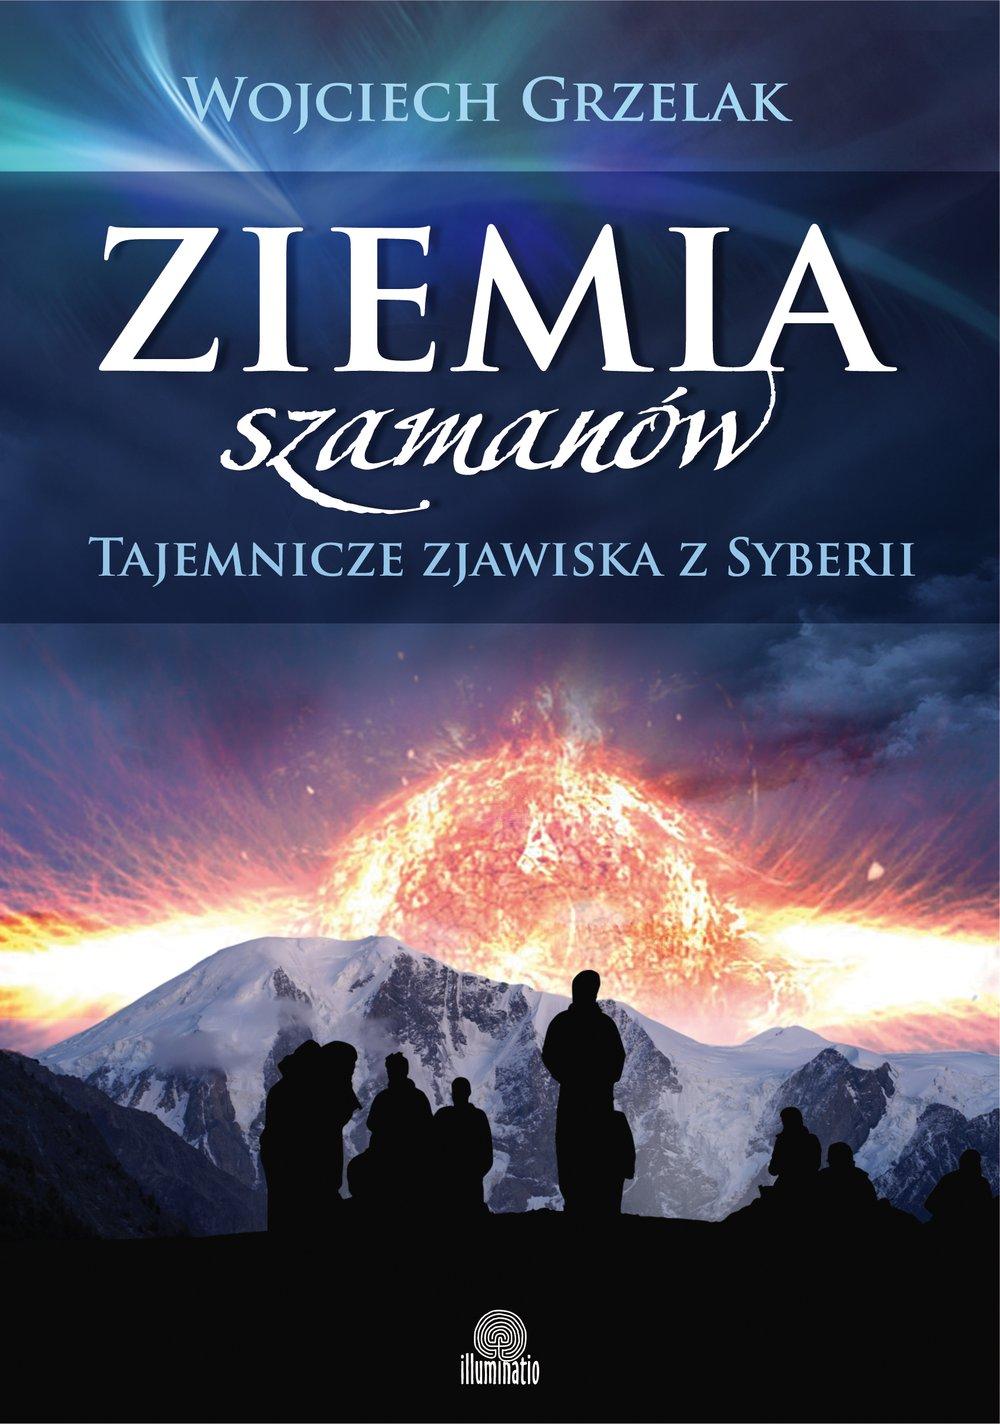 Ziemia szamanów. Tajemnicze zjawiska z Syberii - Ebook (Książka EPUB) do pobrania w formacie EPUB